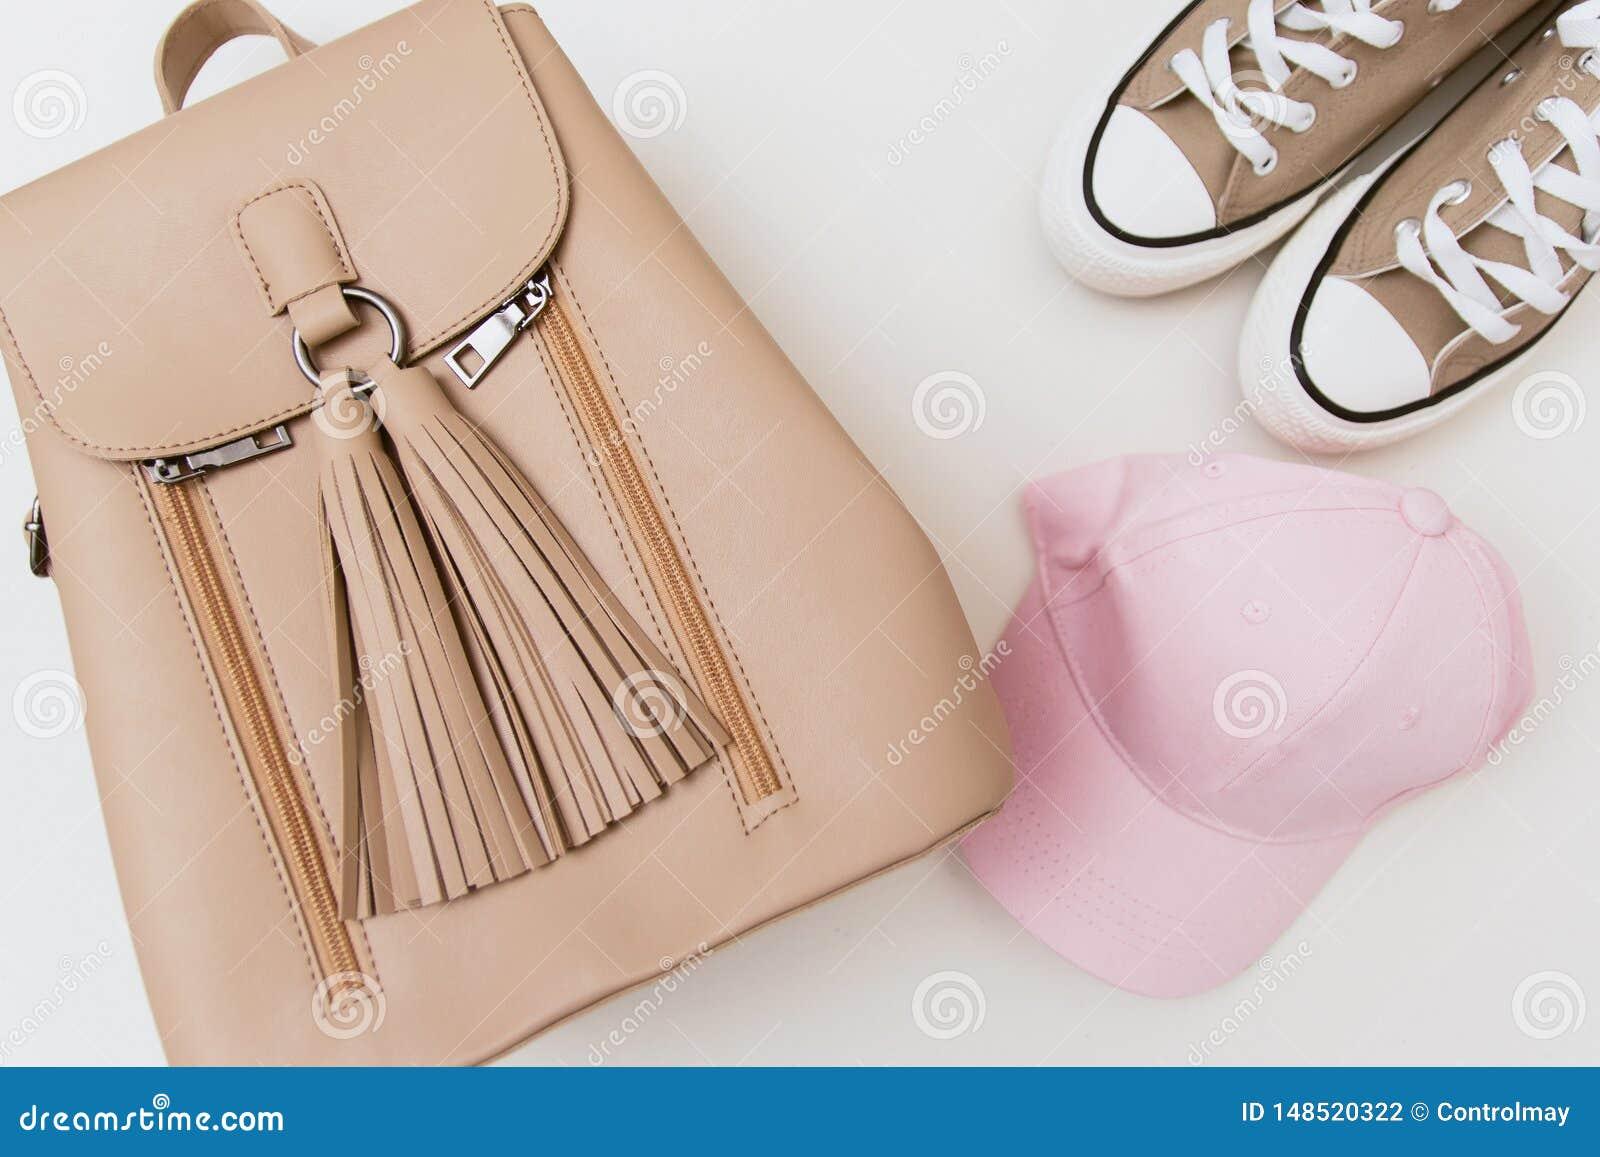 Zapatillas de deporte beige, mochila y casquillo rosado en fondo ligero en colores pastel